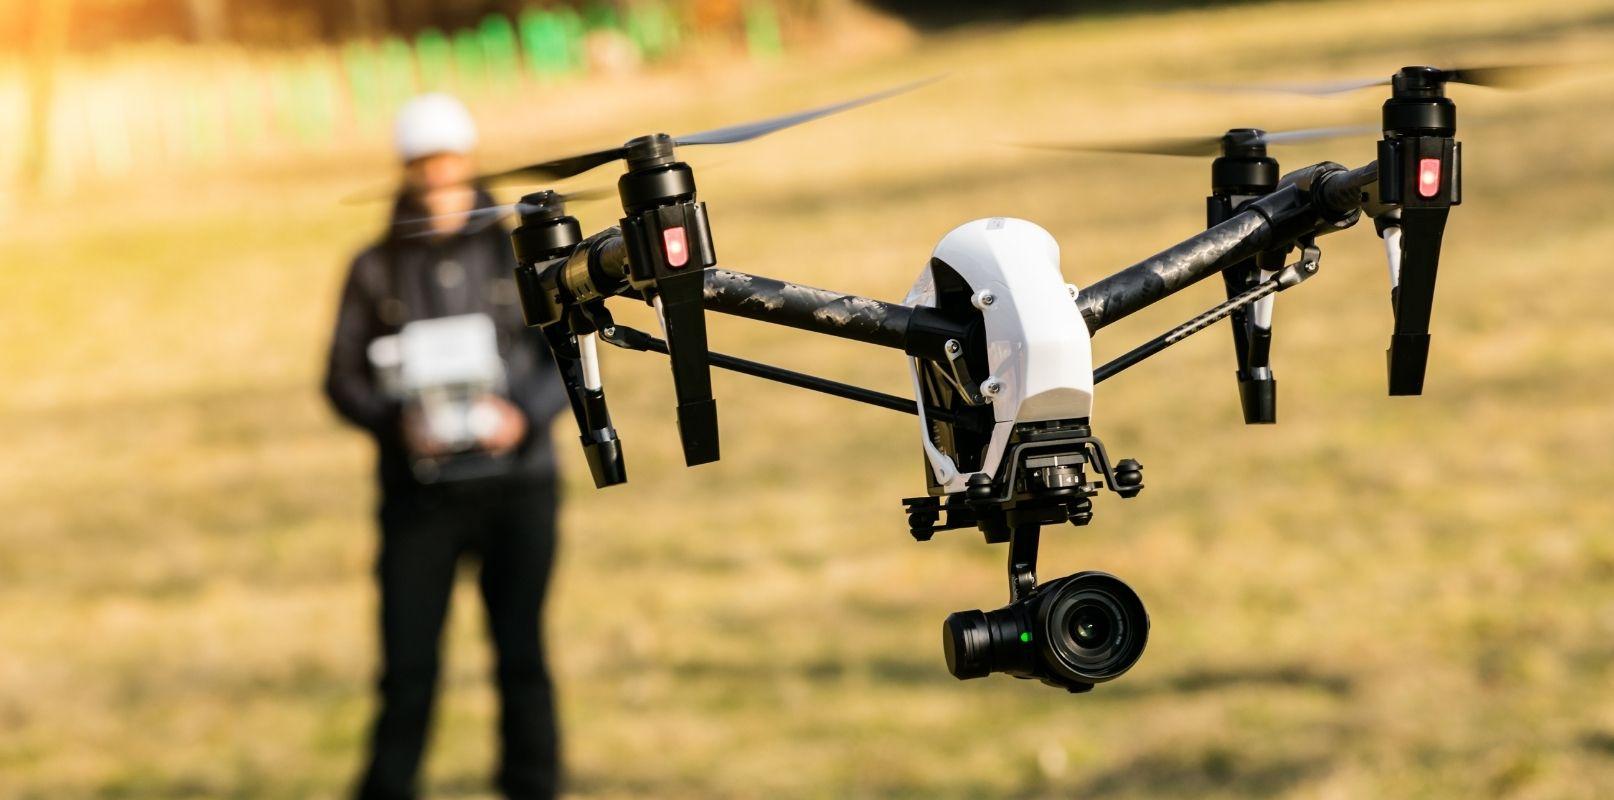 Szkolenie na pilota drona w Mielcu! Z dofinansowaniem 80%!